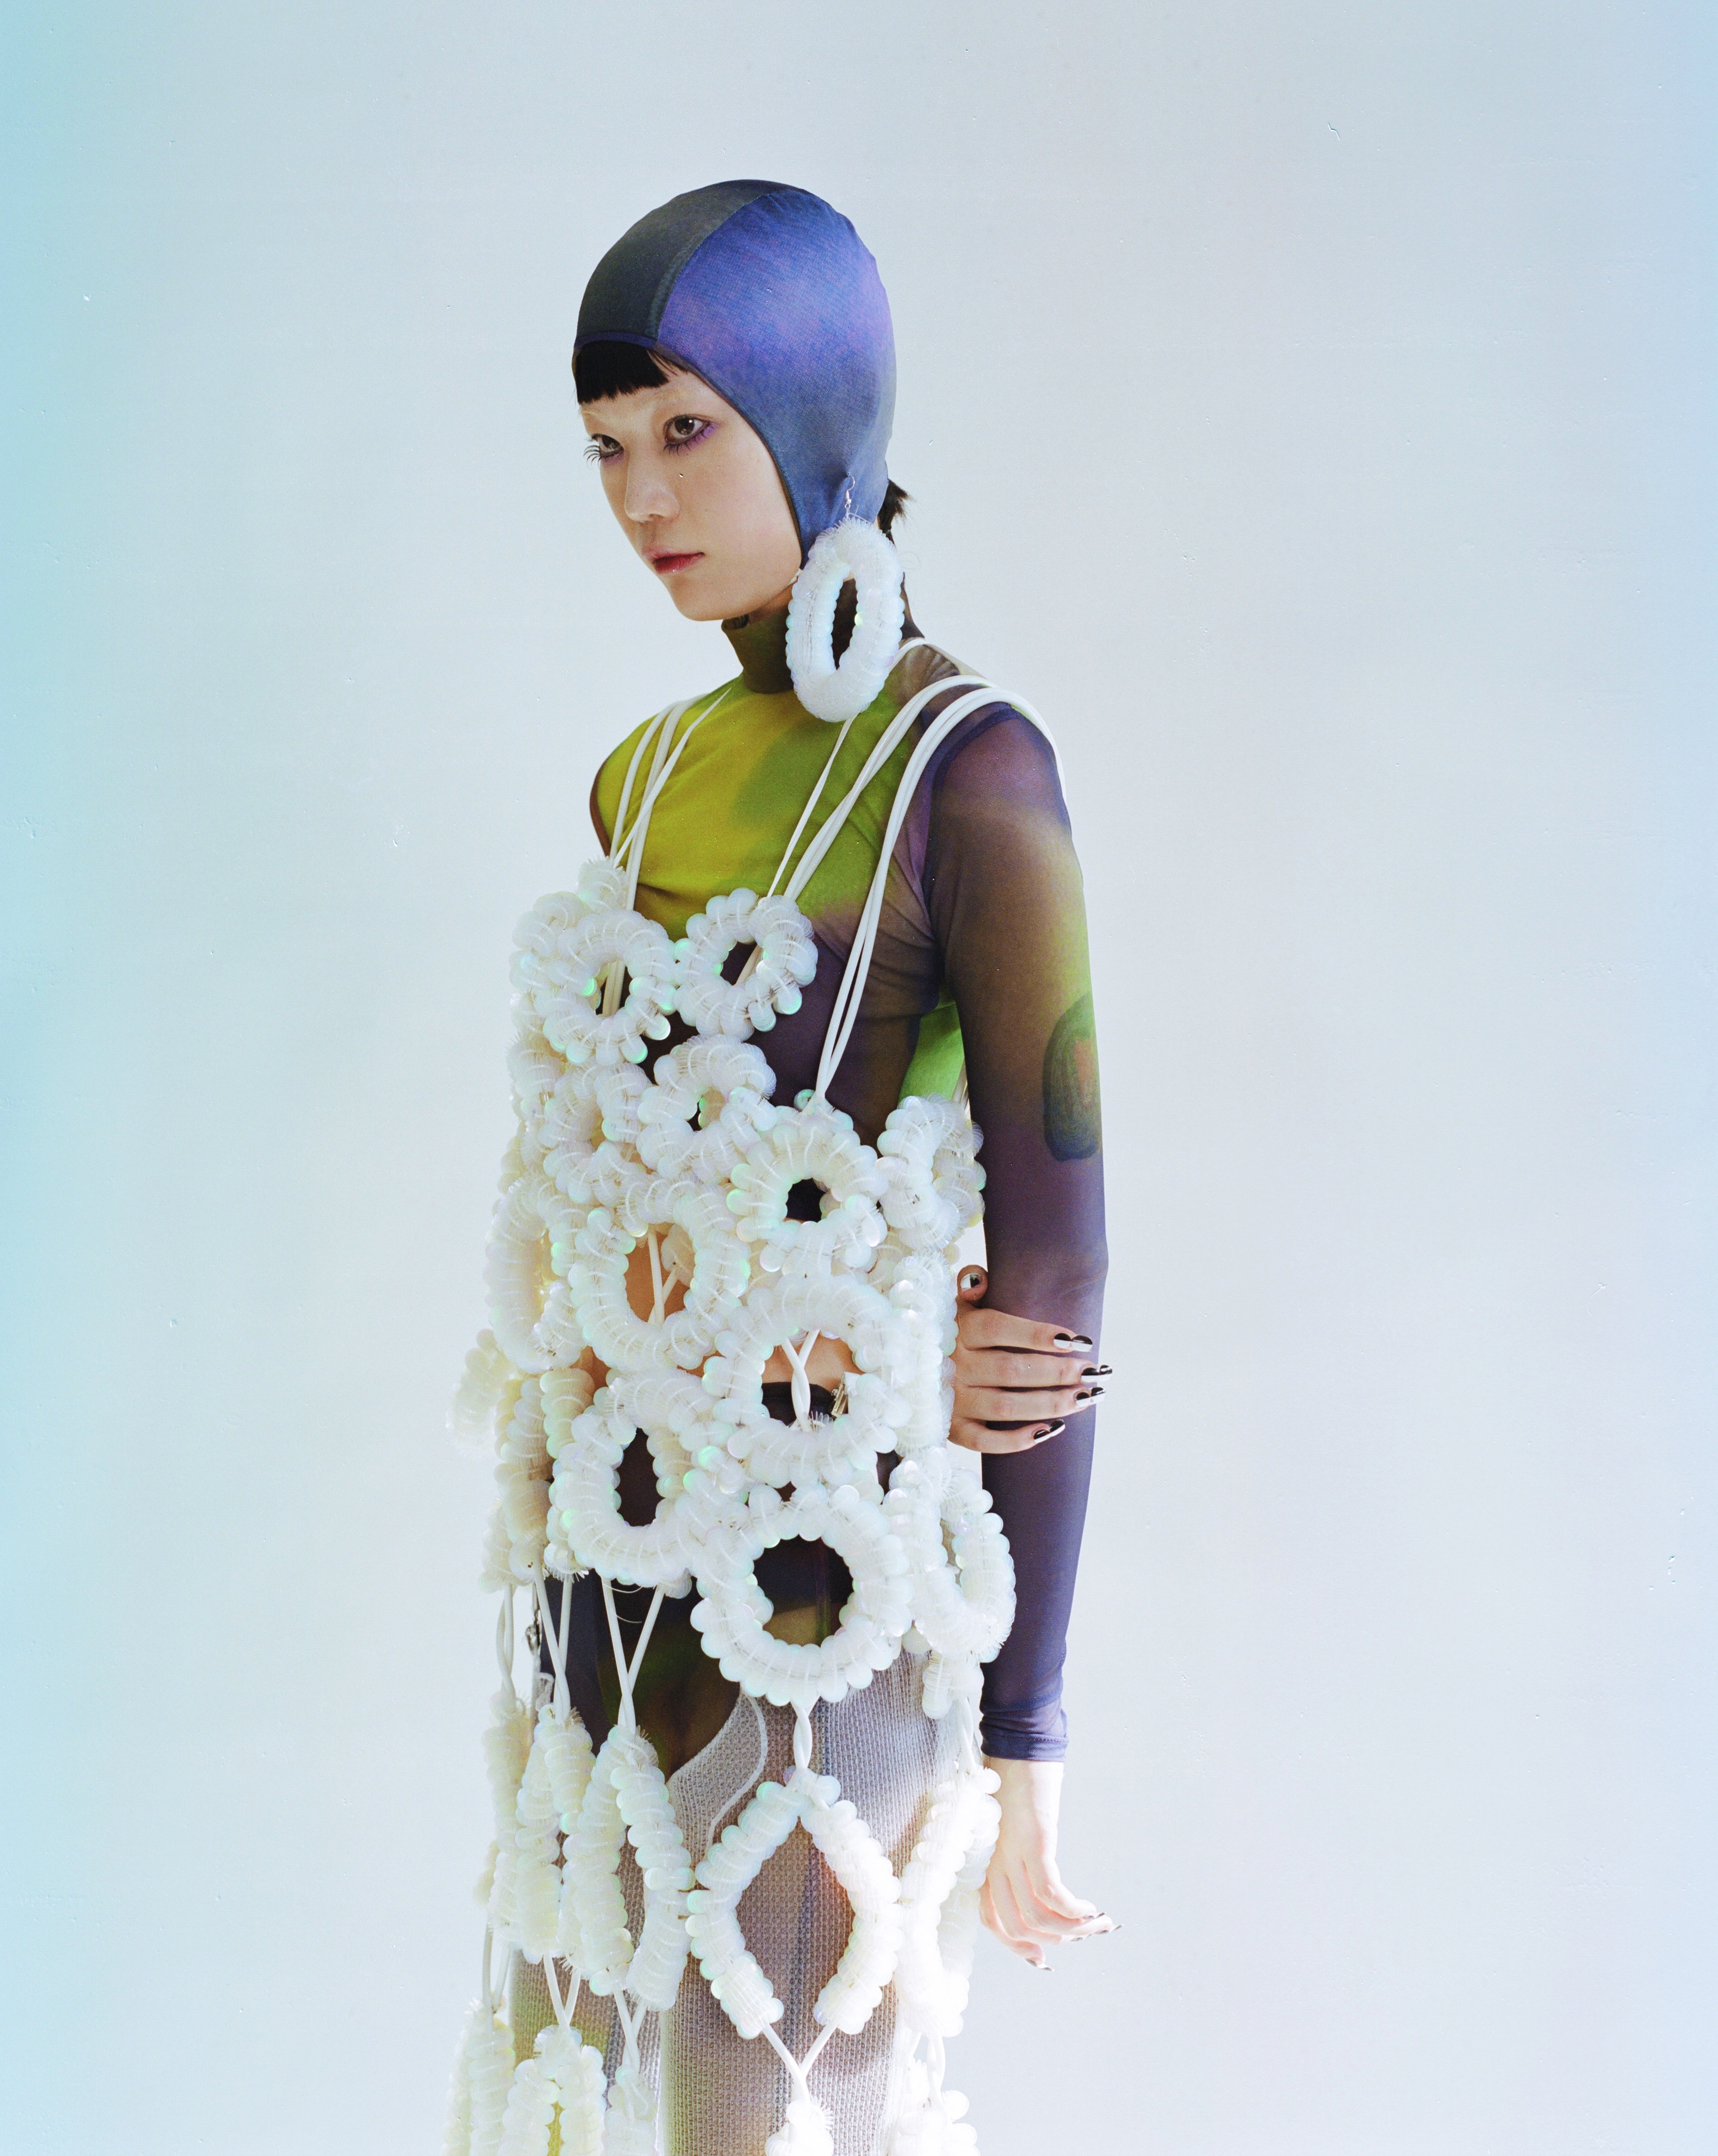 Shie Lyu's China debut during Shanghai Fashion Week